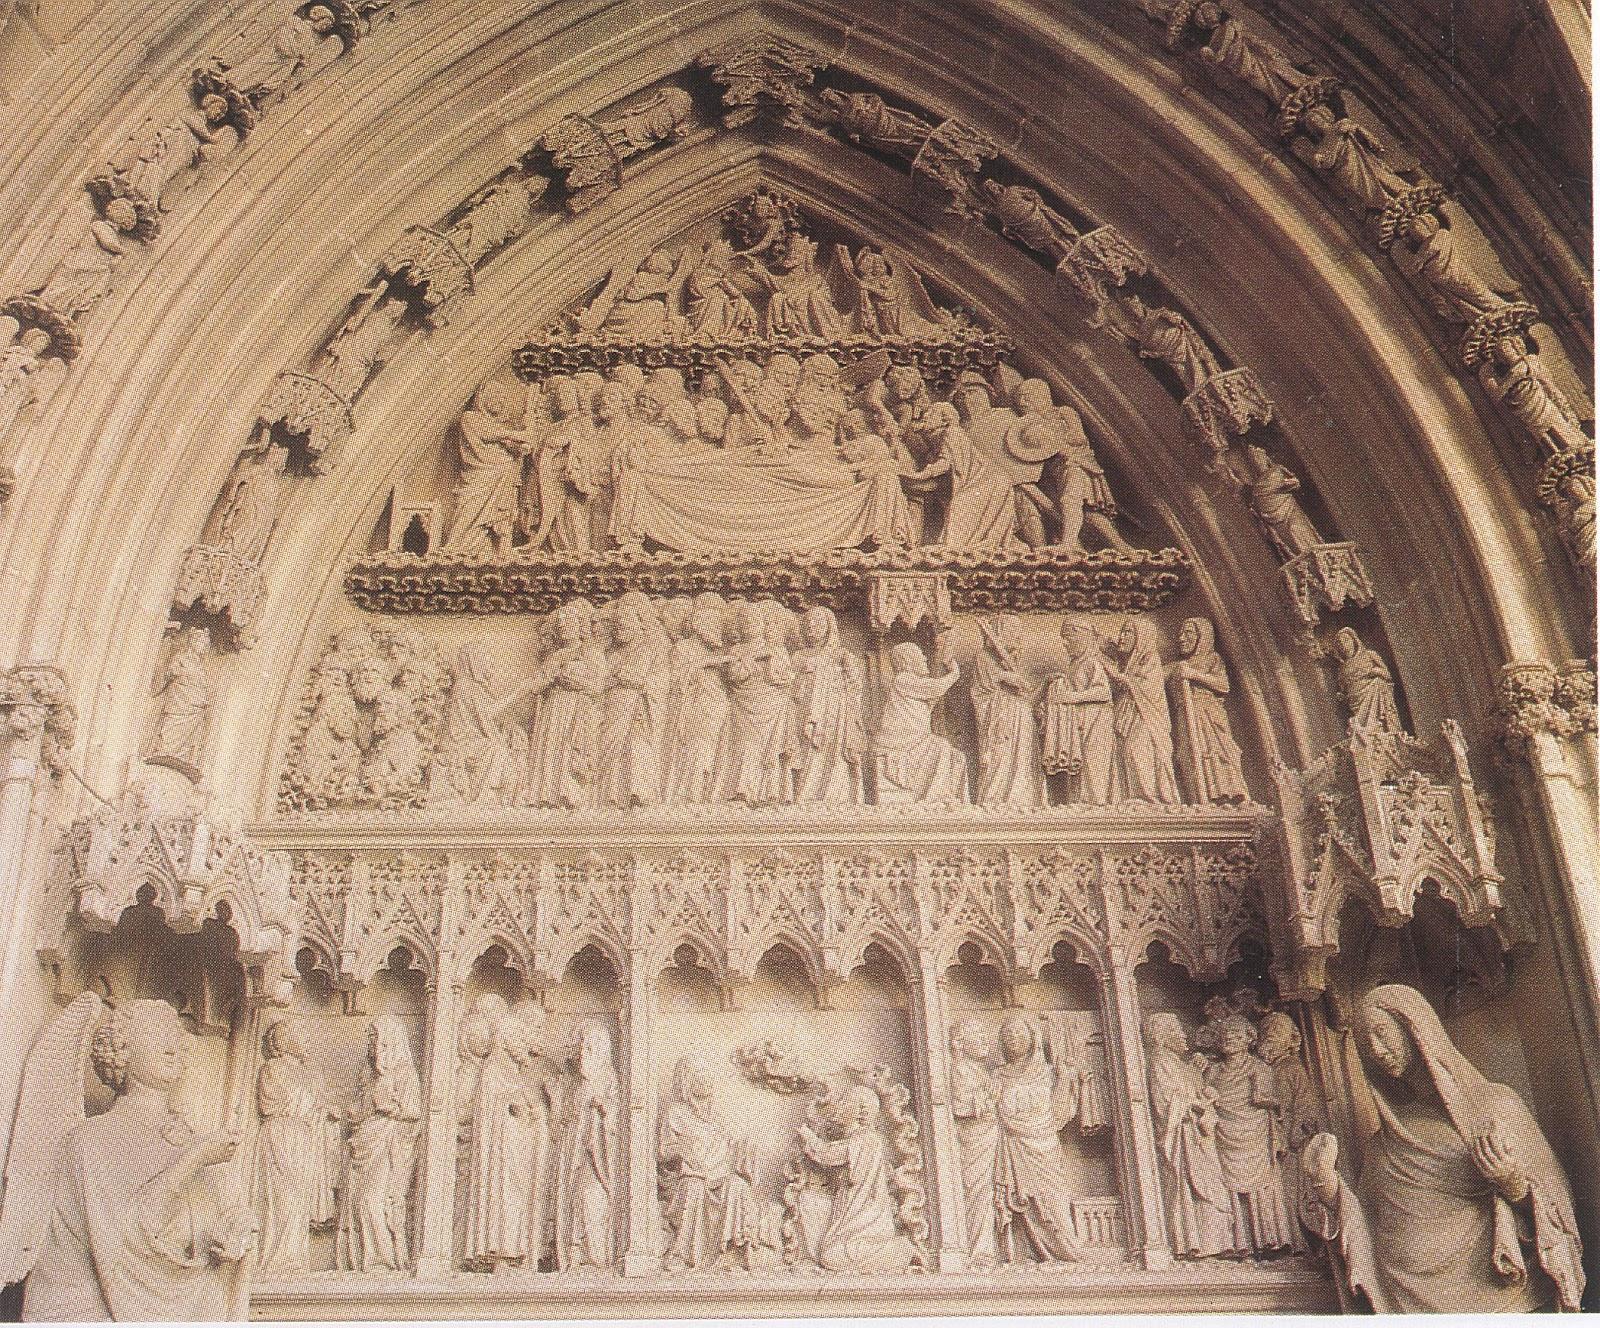 Blogearte puerta preciosa catedral de pamplona s xiv - El dormitorio pamplona ...